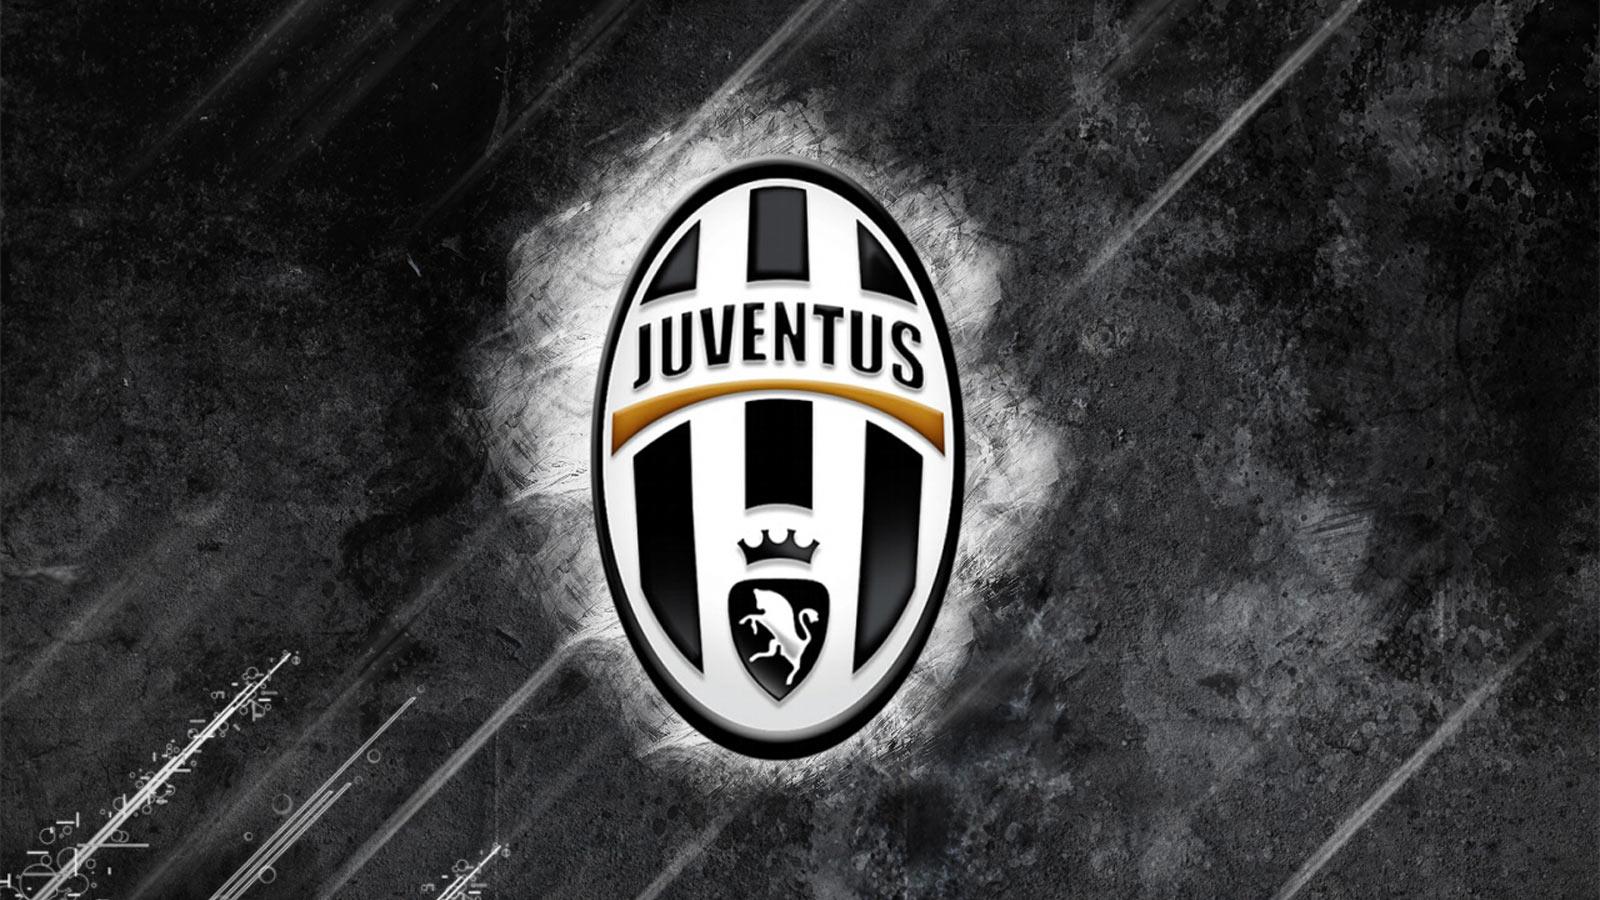 Juventus Logo Wallpaper 002